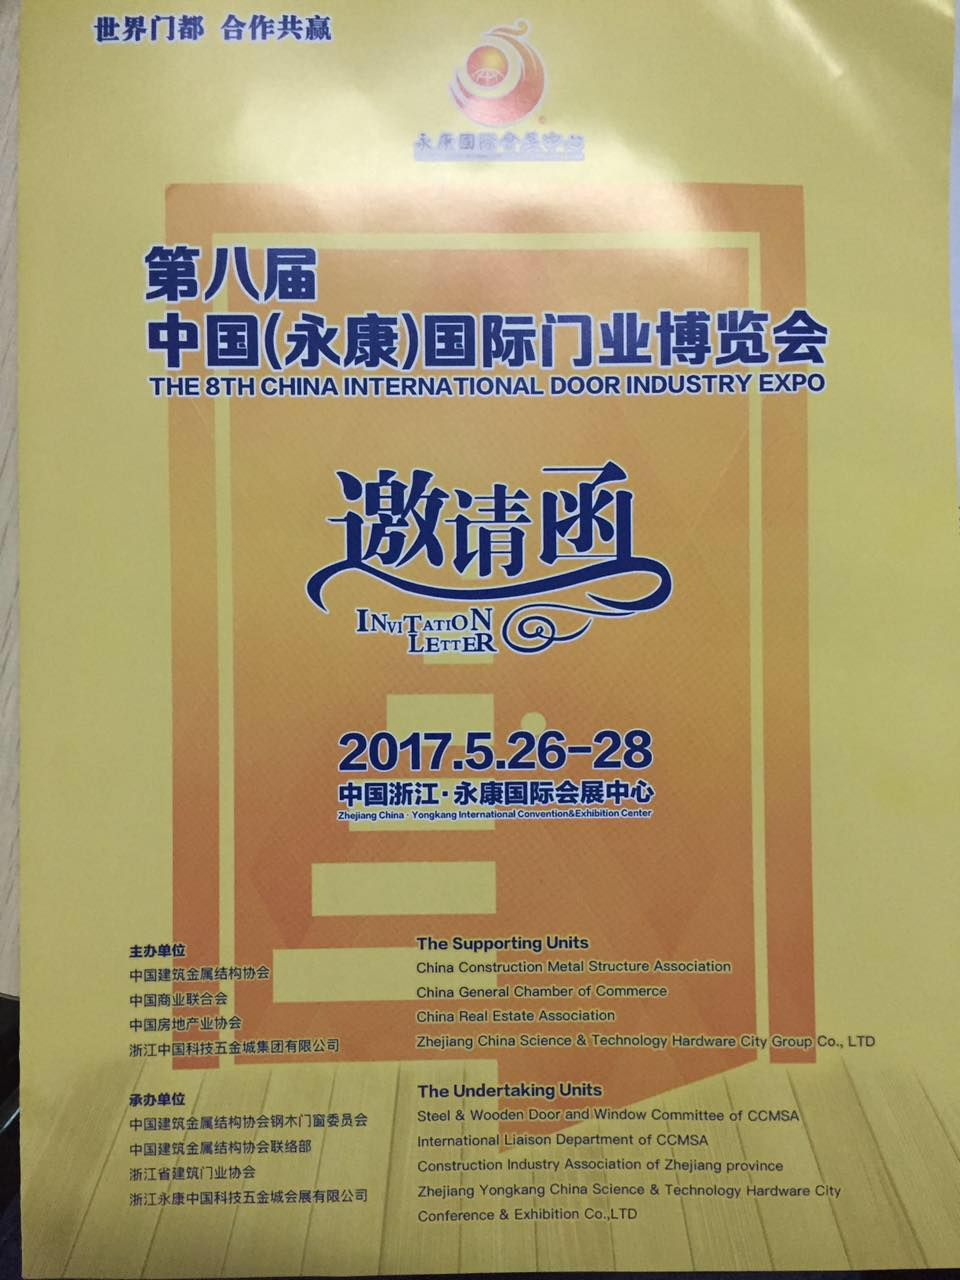 5月26-28日,我们在永康国际会展中心恭迎您!